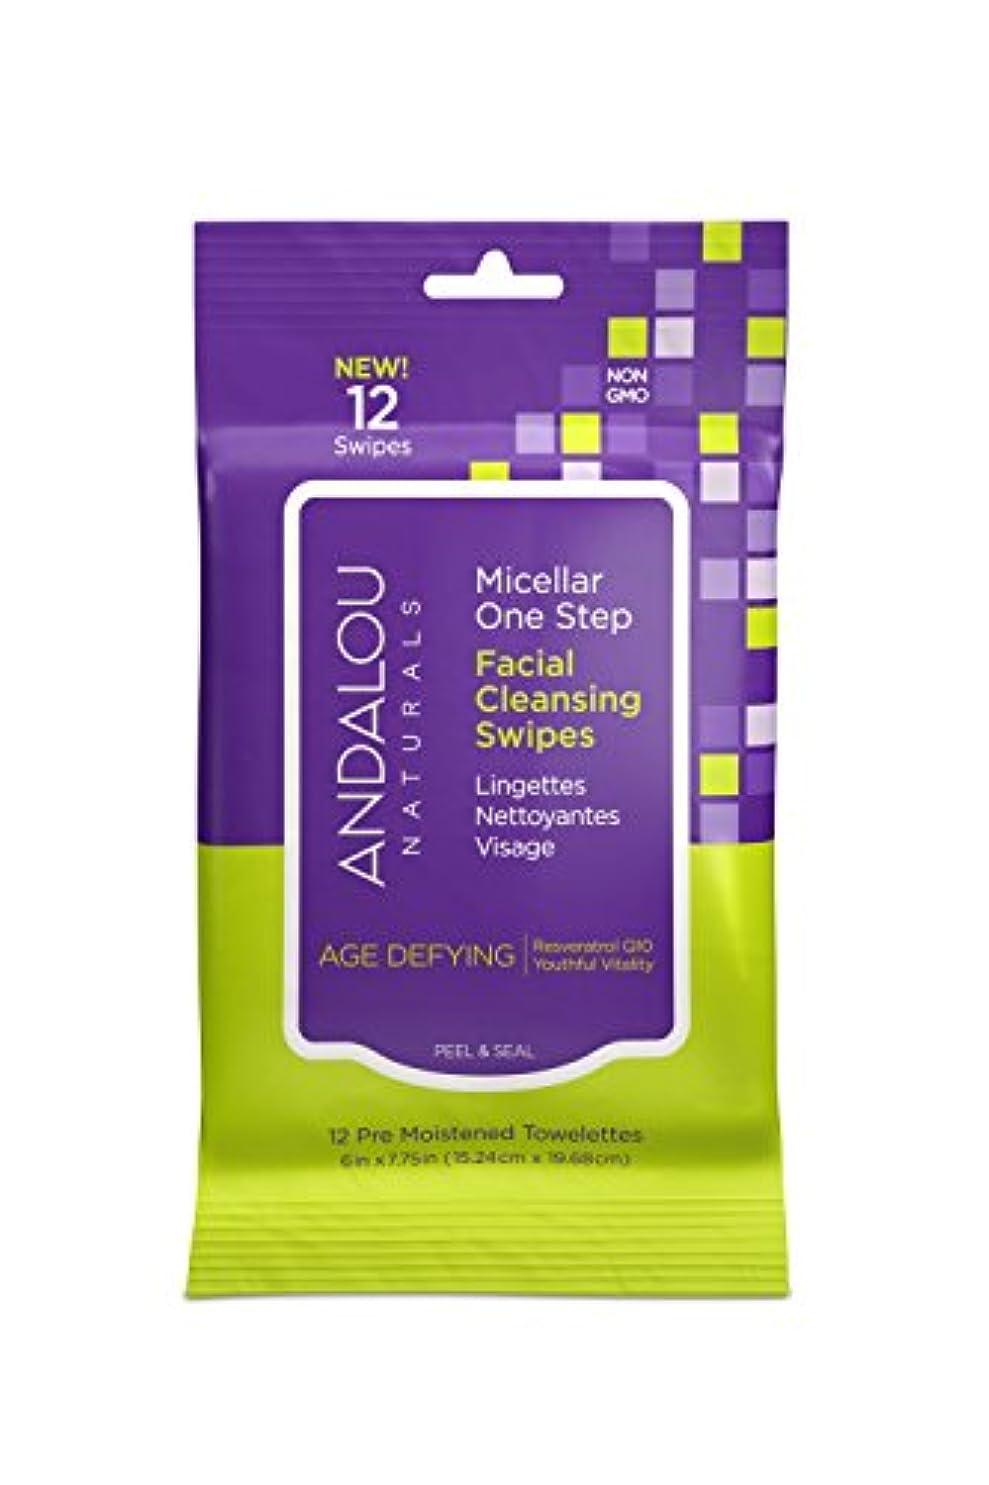 乗ってに同意する終わらせるオーガニック ボタニカル クレンジングシート 洗顔シート ナチュラル フルーツ幹細胞 「 Aミセラスワイプ 12枚入り 」 ANDALOU naturals アンダルー ナチュラルズ